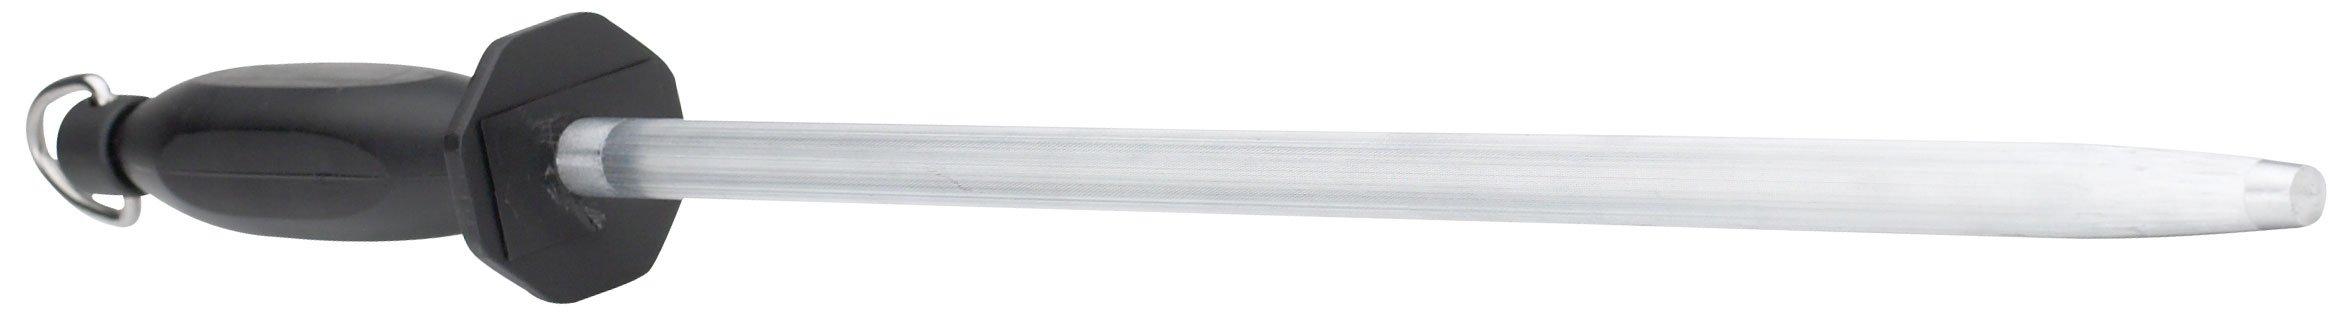 WINCO Premium Round Sharpening Steel, 14-Inch